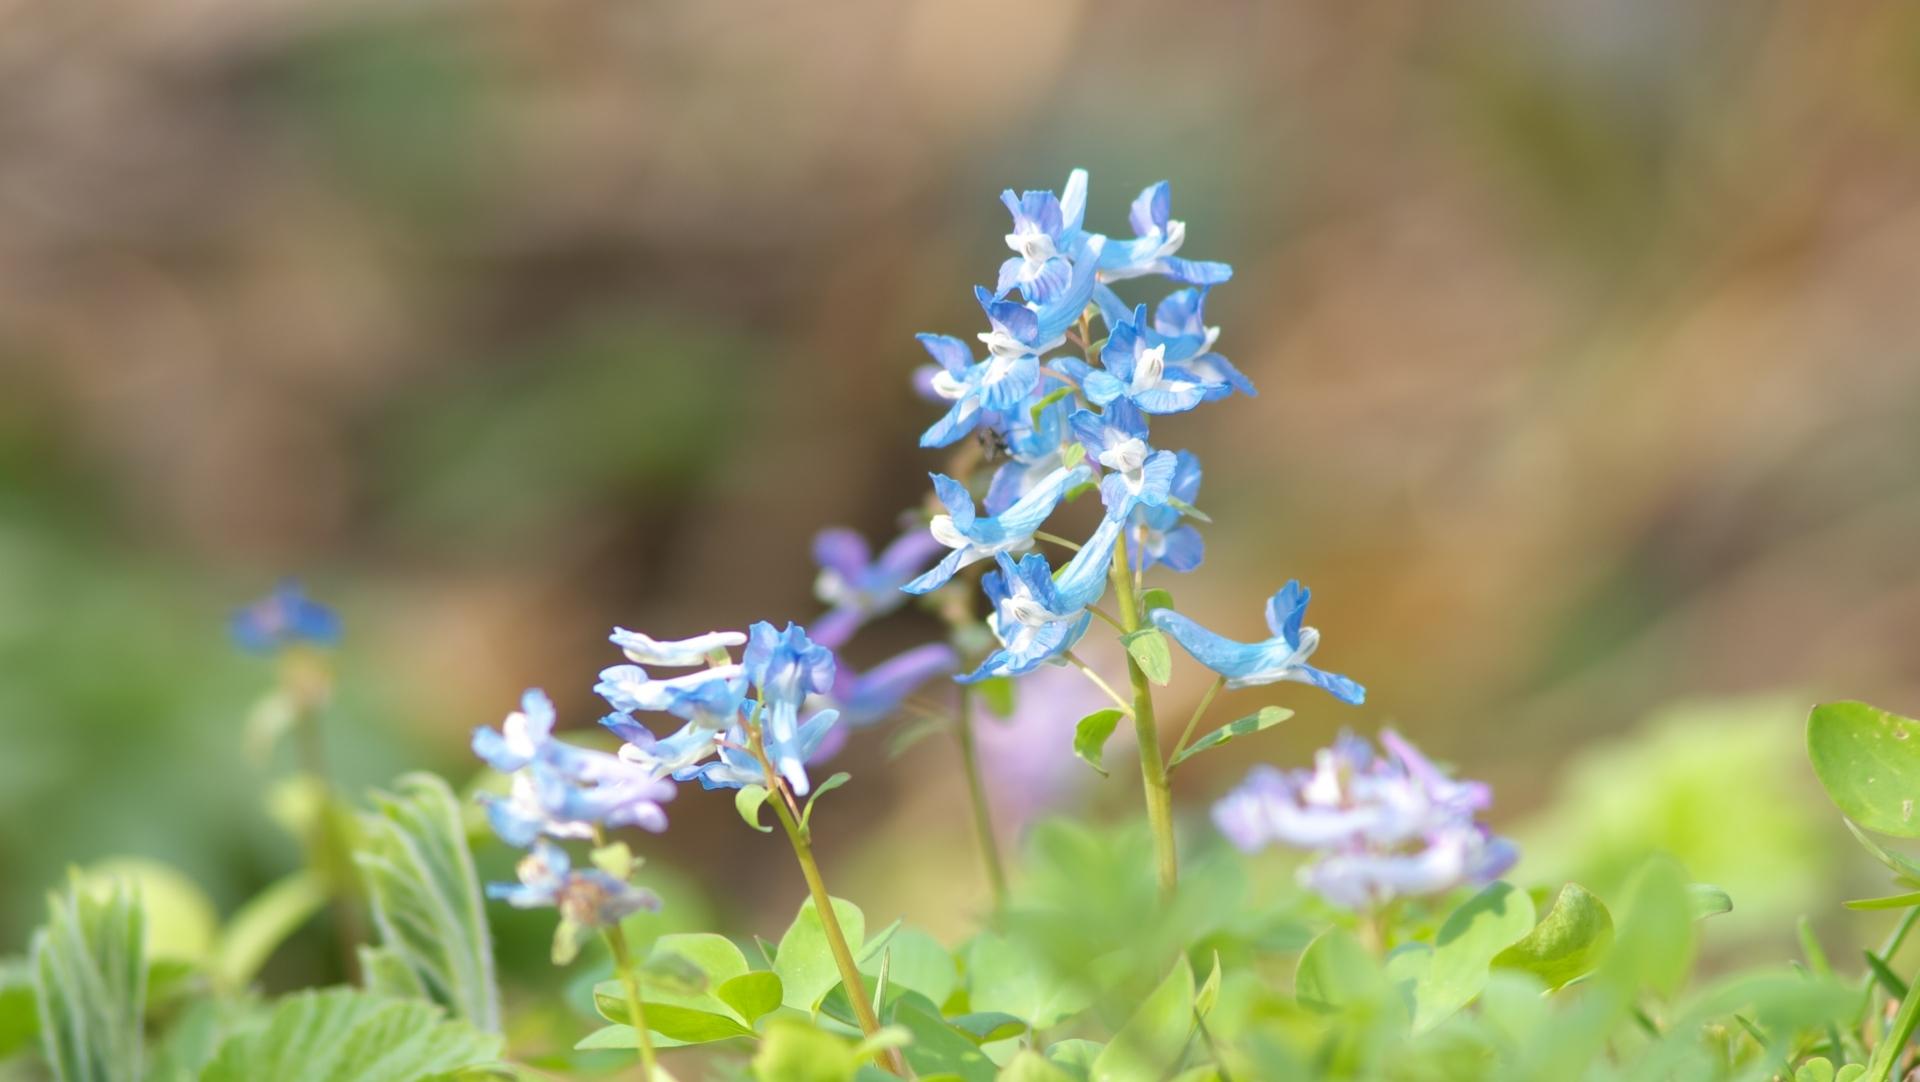 エゾエンゴサクとは?北海道に咲く花の特徴や育て方を紹介!食べられる?